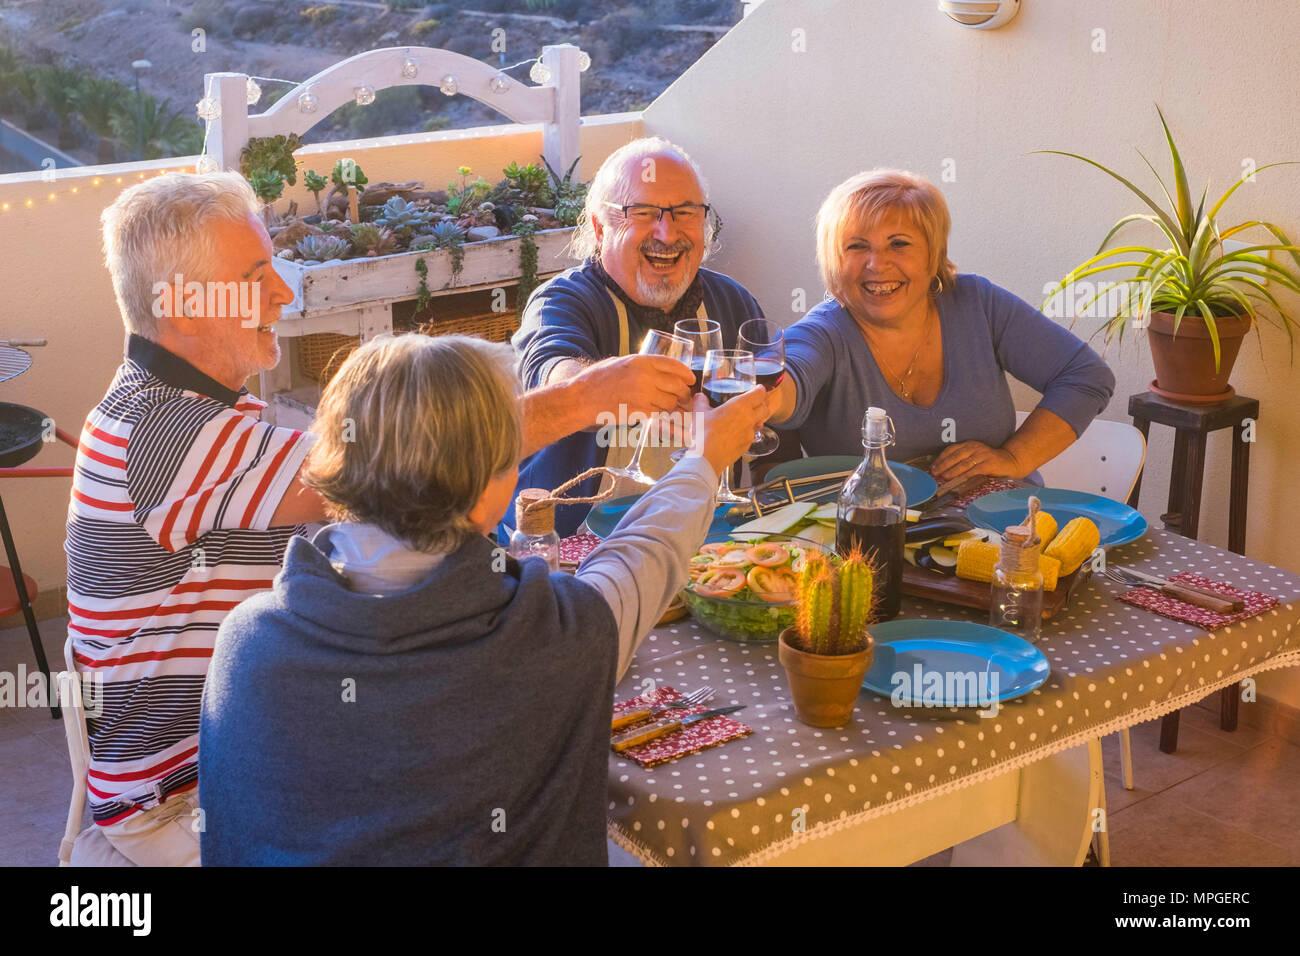 Nach Gruppe von Menschen, die gutes Abendessen im Freien auf der Terrasse. Die Freundschaft genießen mit Zeit zusammen trinken und feiern, Urlaub oder Ruhestand c Stockbild